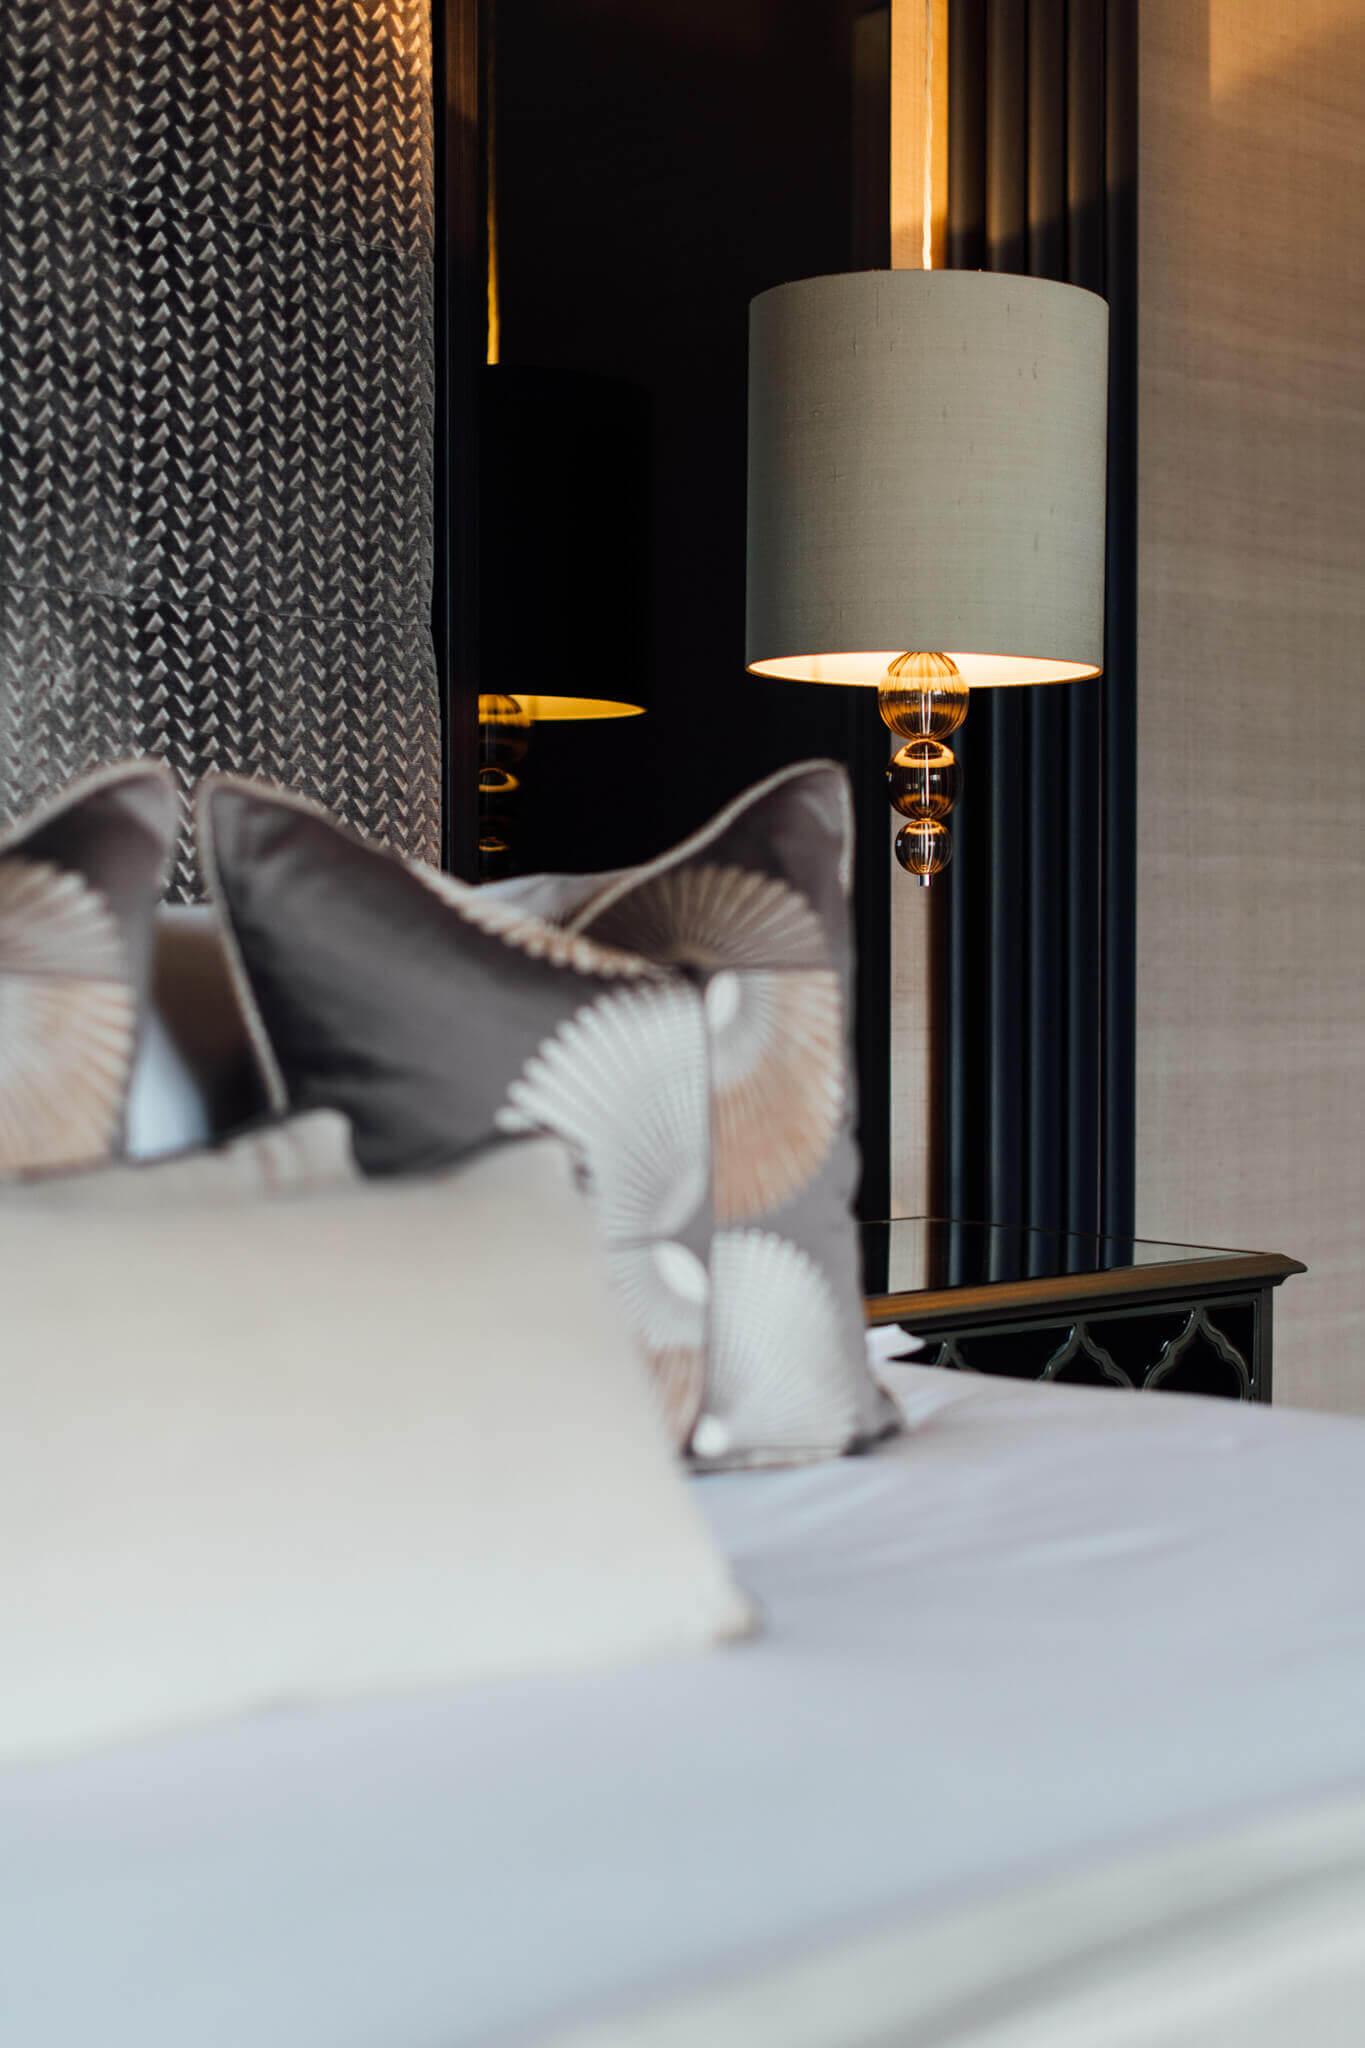 dowans_hotel-ryanjohnstonco-9